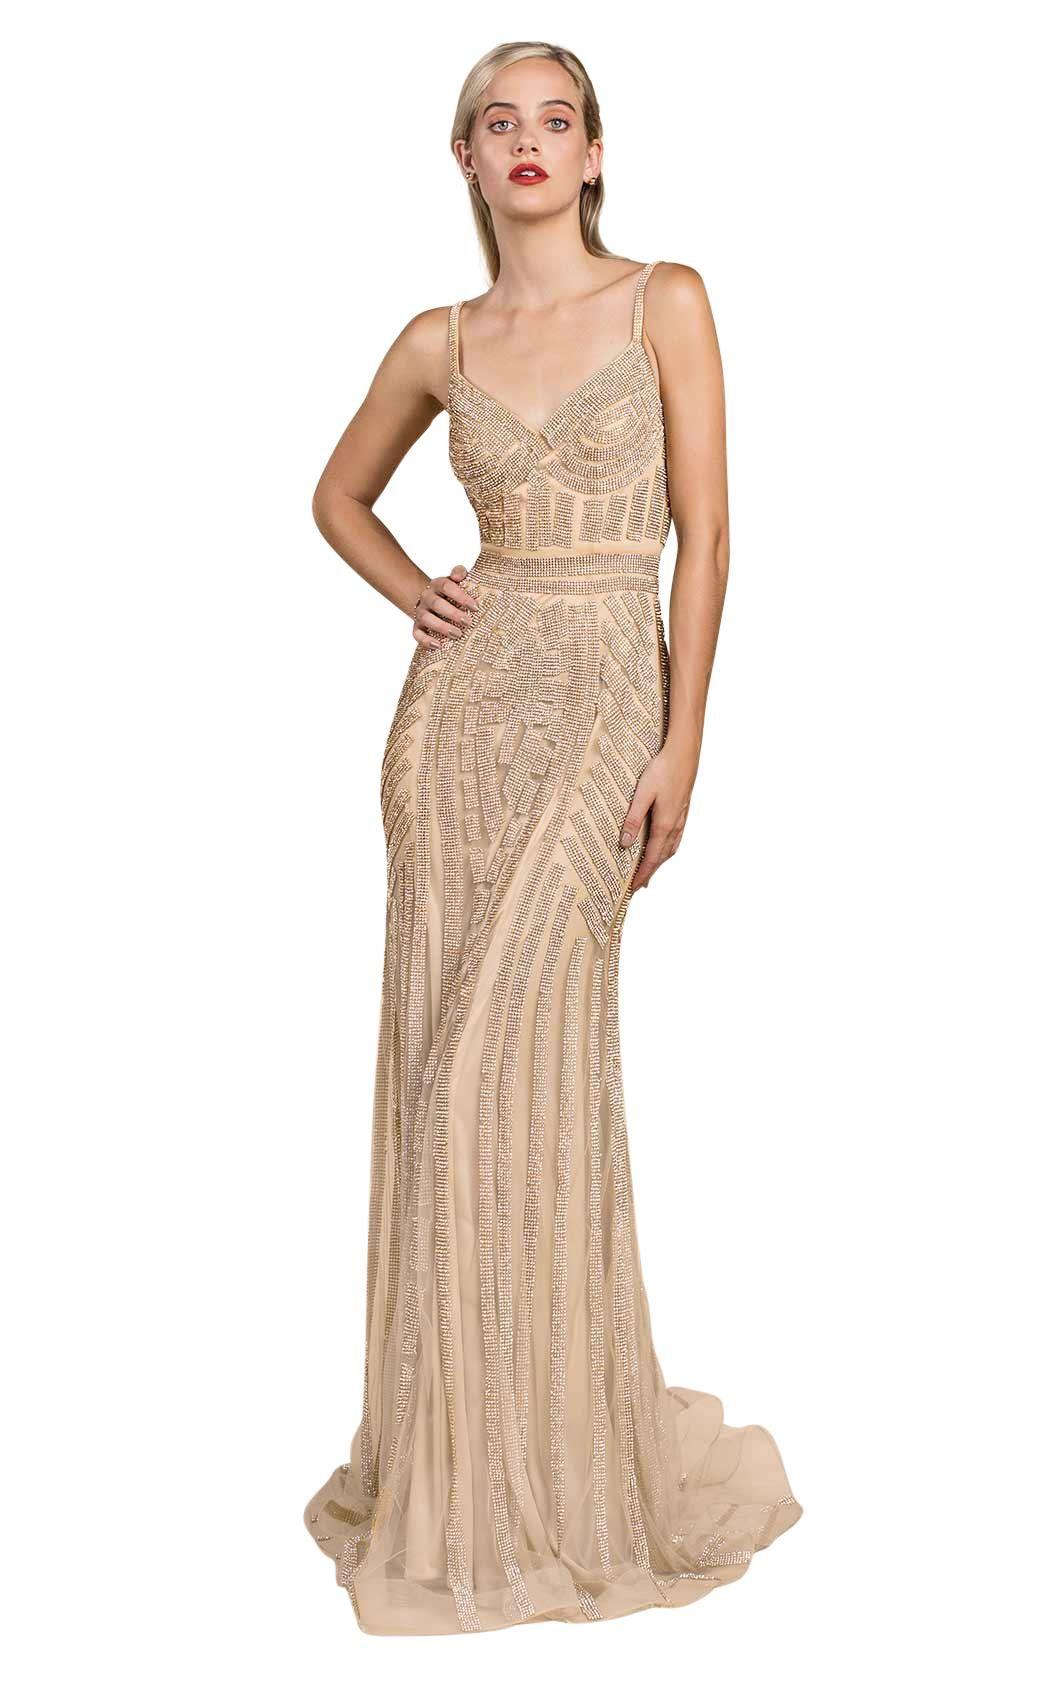 1930s Evening Dress Art Deco Gown Party Dress 1930 Evening